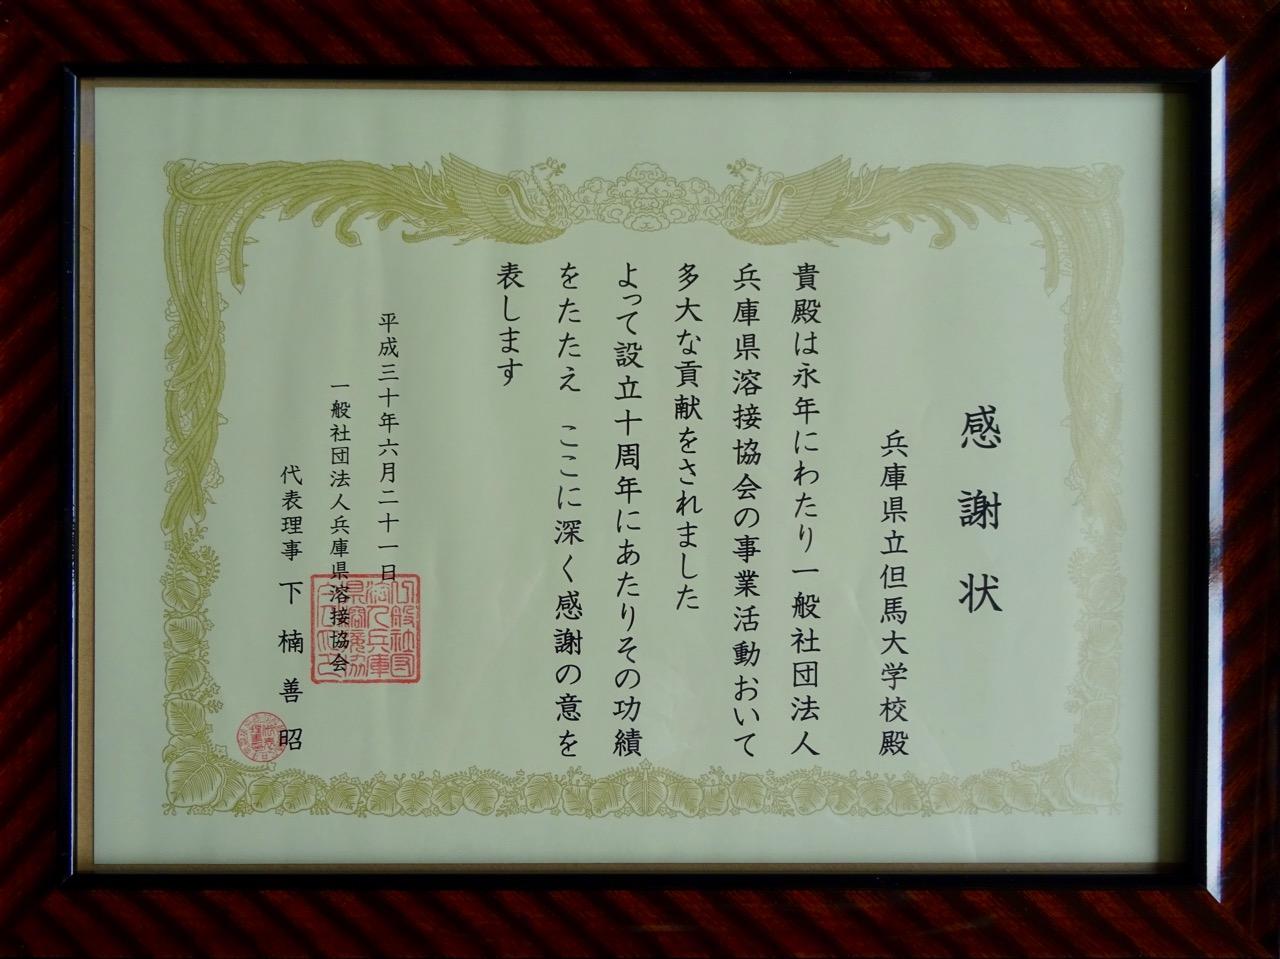 兵庫県溶接協会からの感謝状